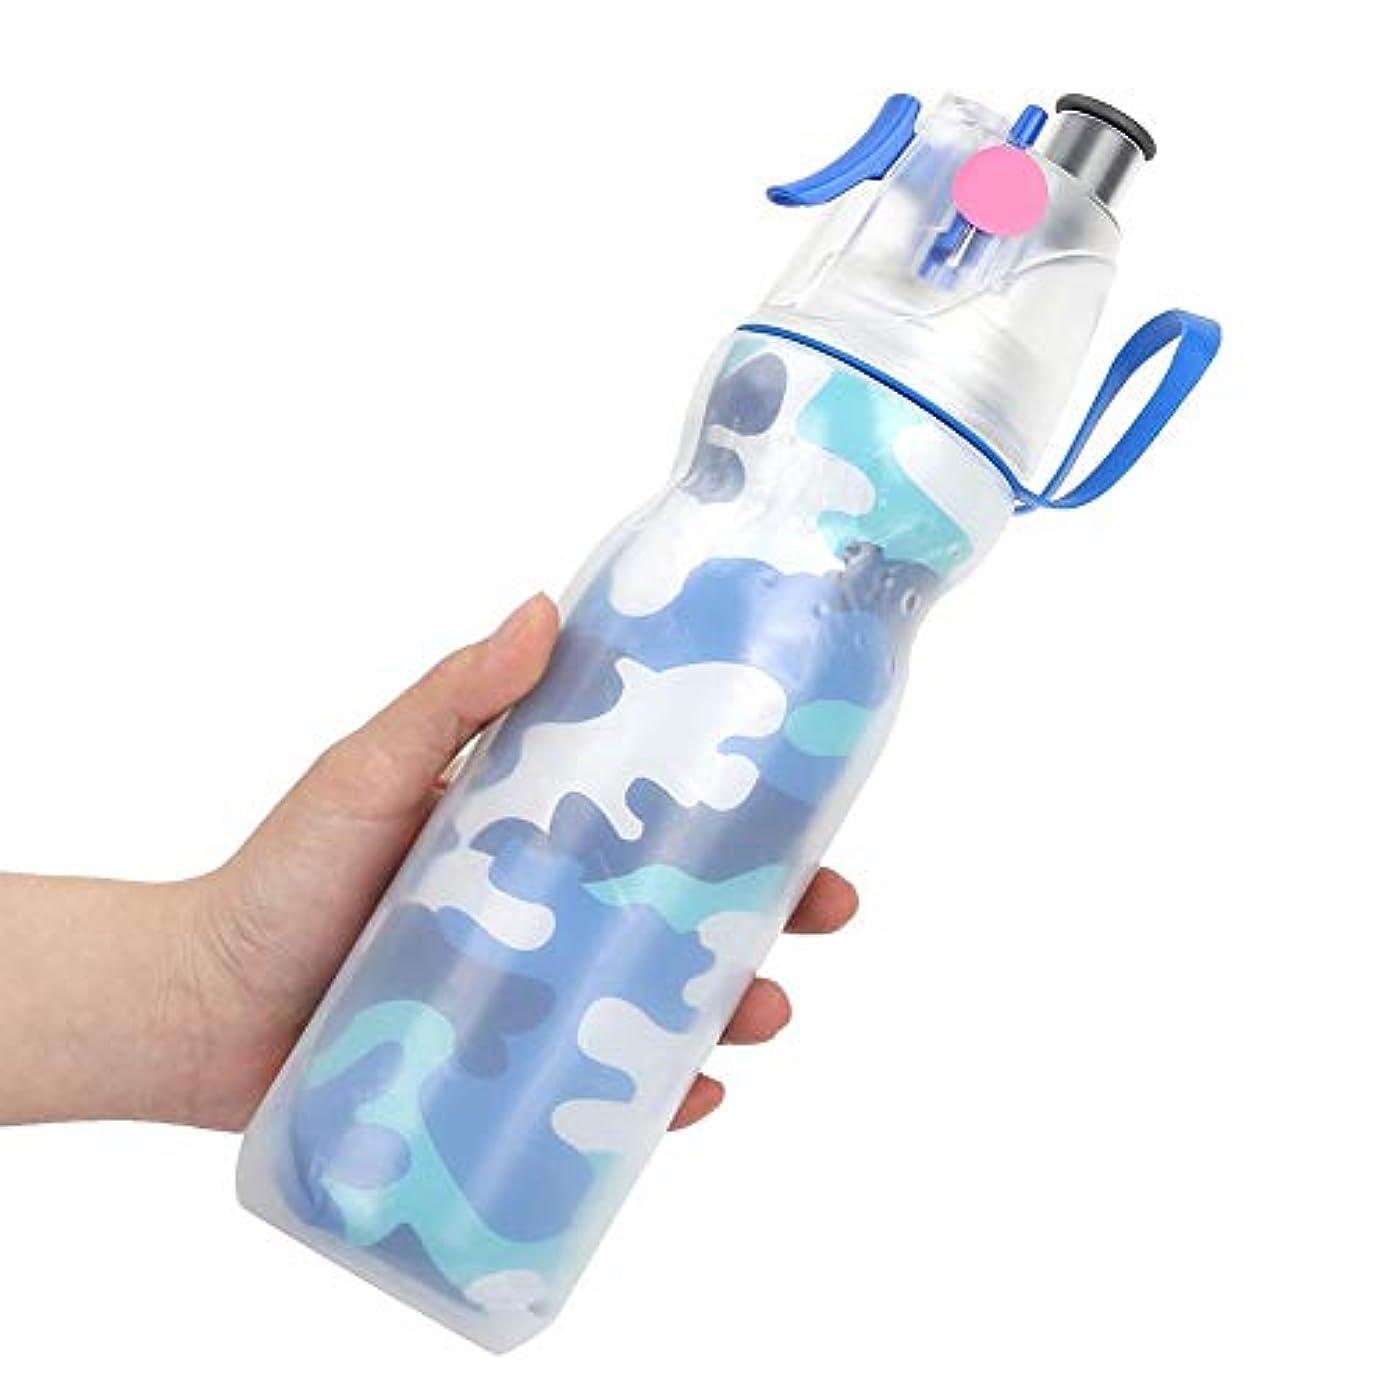 販売計画休日寂しい霧の水差し スプレーウォーターボトル ミストウォーターボトル 二重層デザイン 大容量 水貯蔵 お風呂/出張/旅行/海外に適用 2色